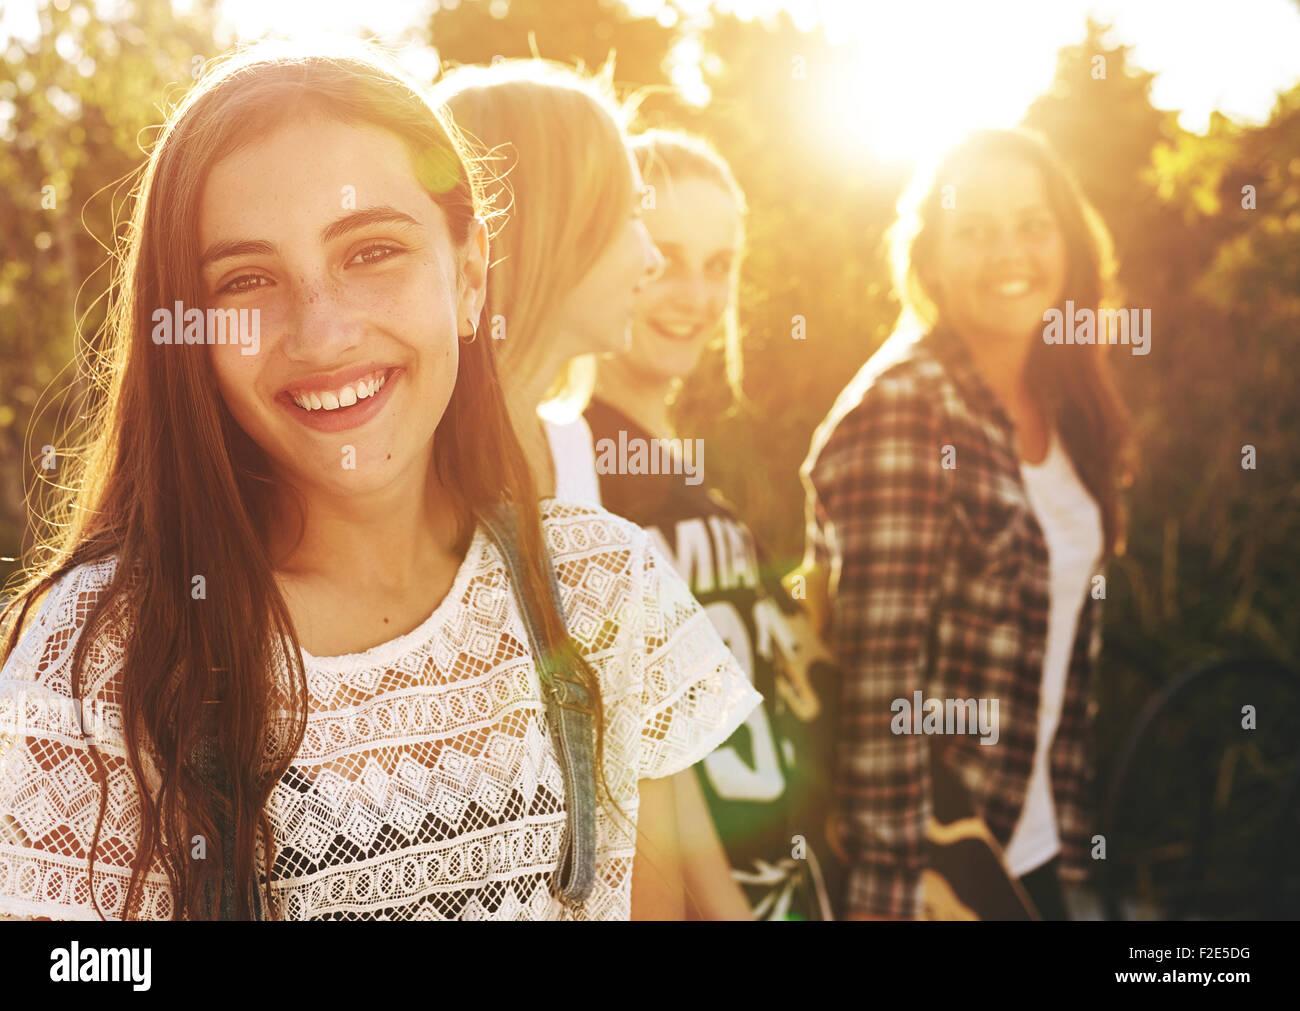 Retrato de un grupo de amigos, uno sonríe a cámara Imagen De Stock